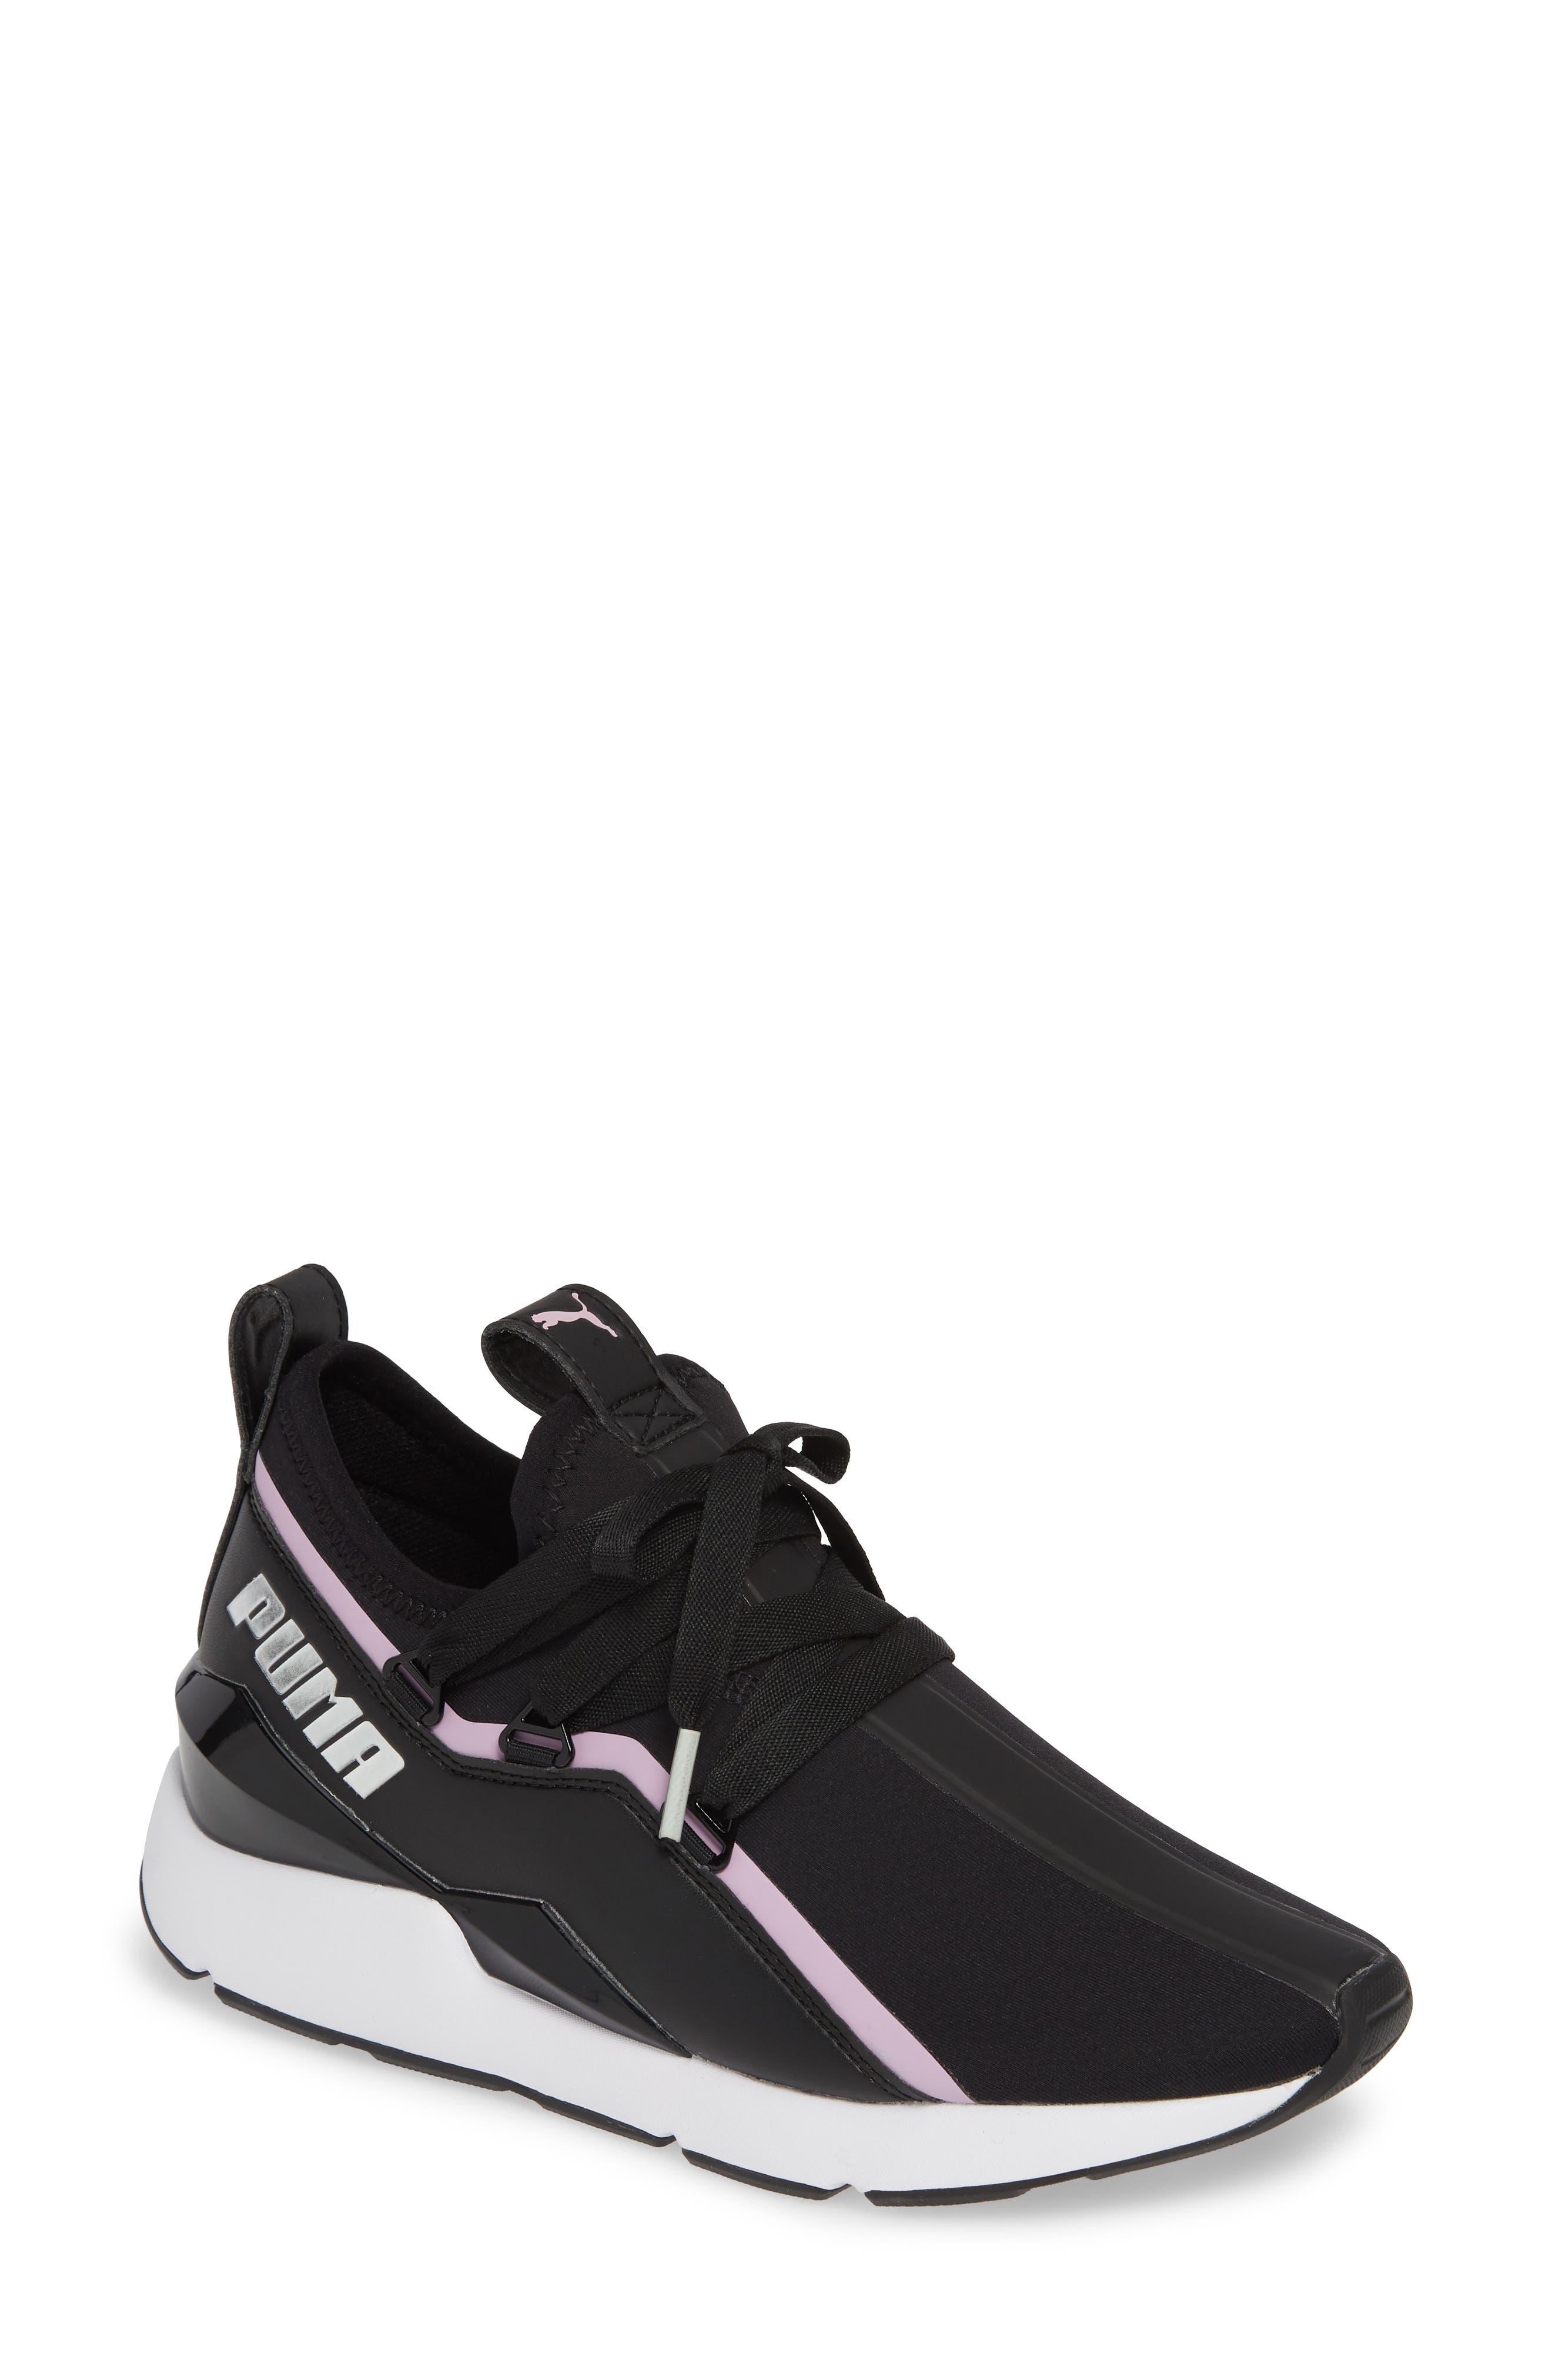 cf5267dd9a5 PUMA Shoes for Women